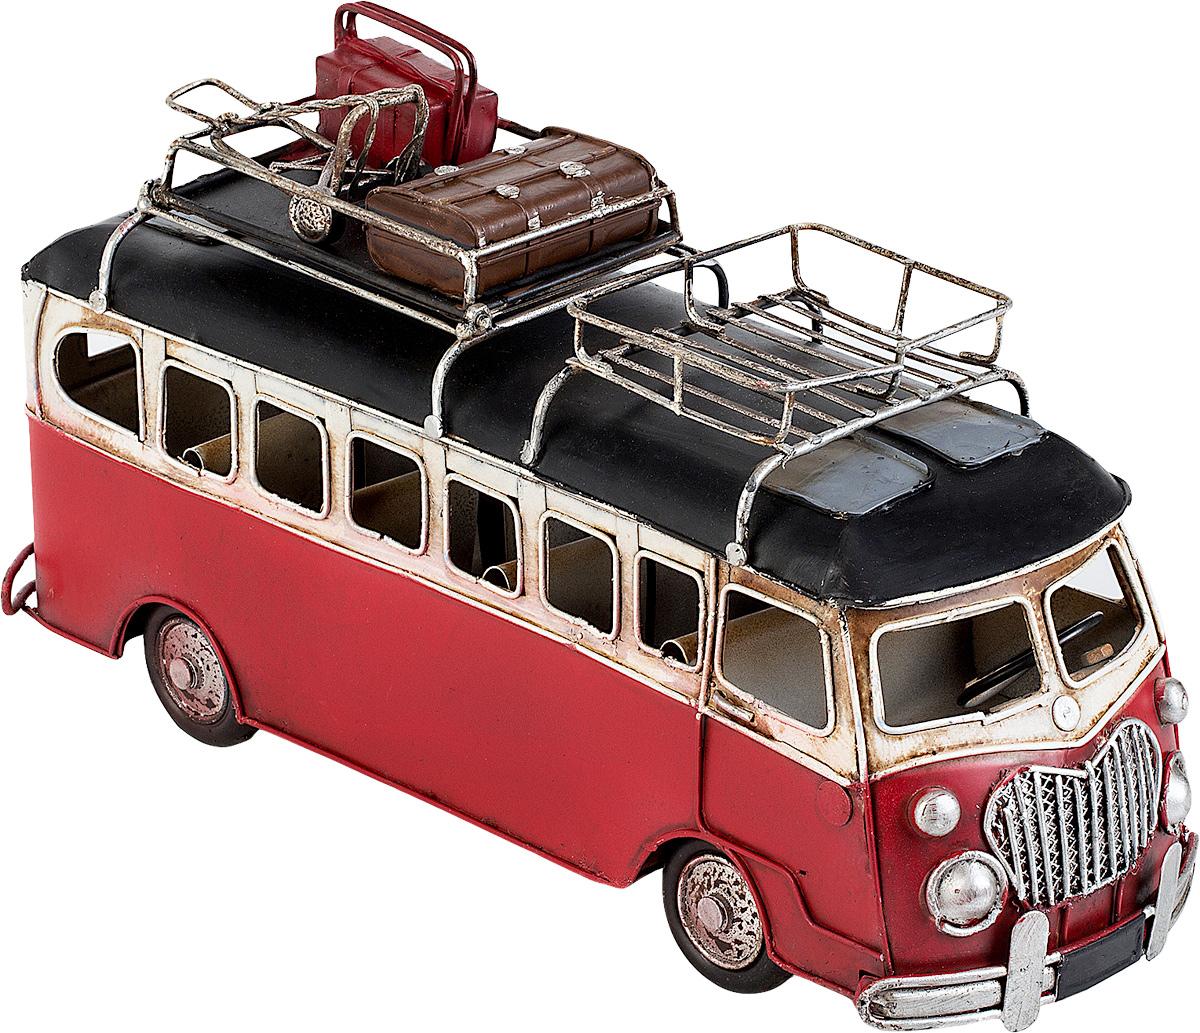 Модель Platinum Автобус. 1404E-42391404E-4239Модель Platinum Автобус, выполненная из металла, станет оригинальнымукрашением вашегоинтерьера. Вы можете поставить модель автобуса в любом месте, где онабудет удачно смотреться. Качество исполнения, точные детали и оригинальный дизайн выделяют этумодель среди ряда подобных. Модель займет достойное место в вашейколлекции, а также приятно удивит получателя в качестве стильного сувенира.